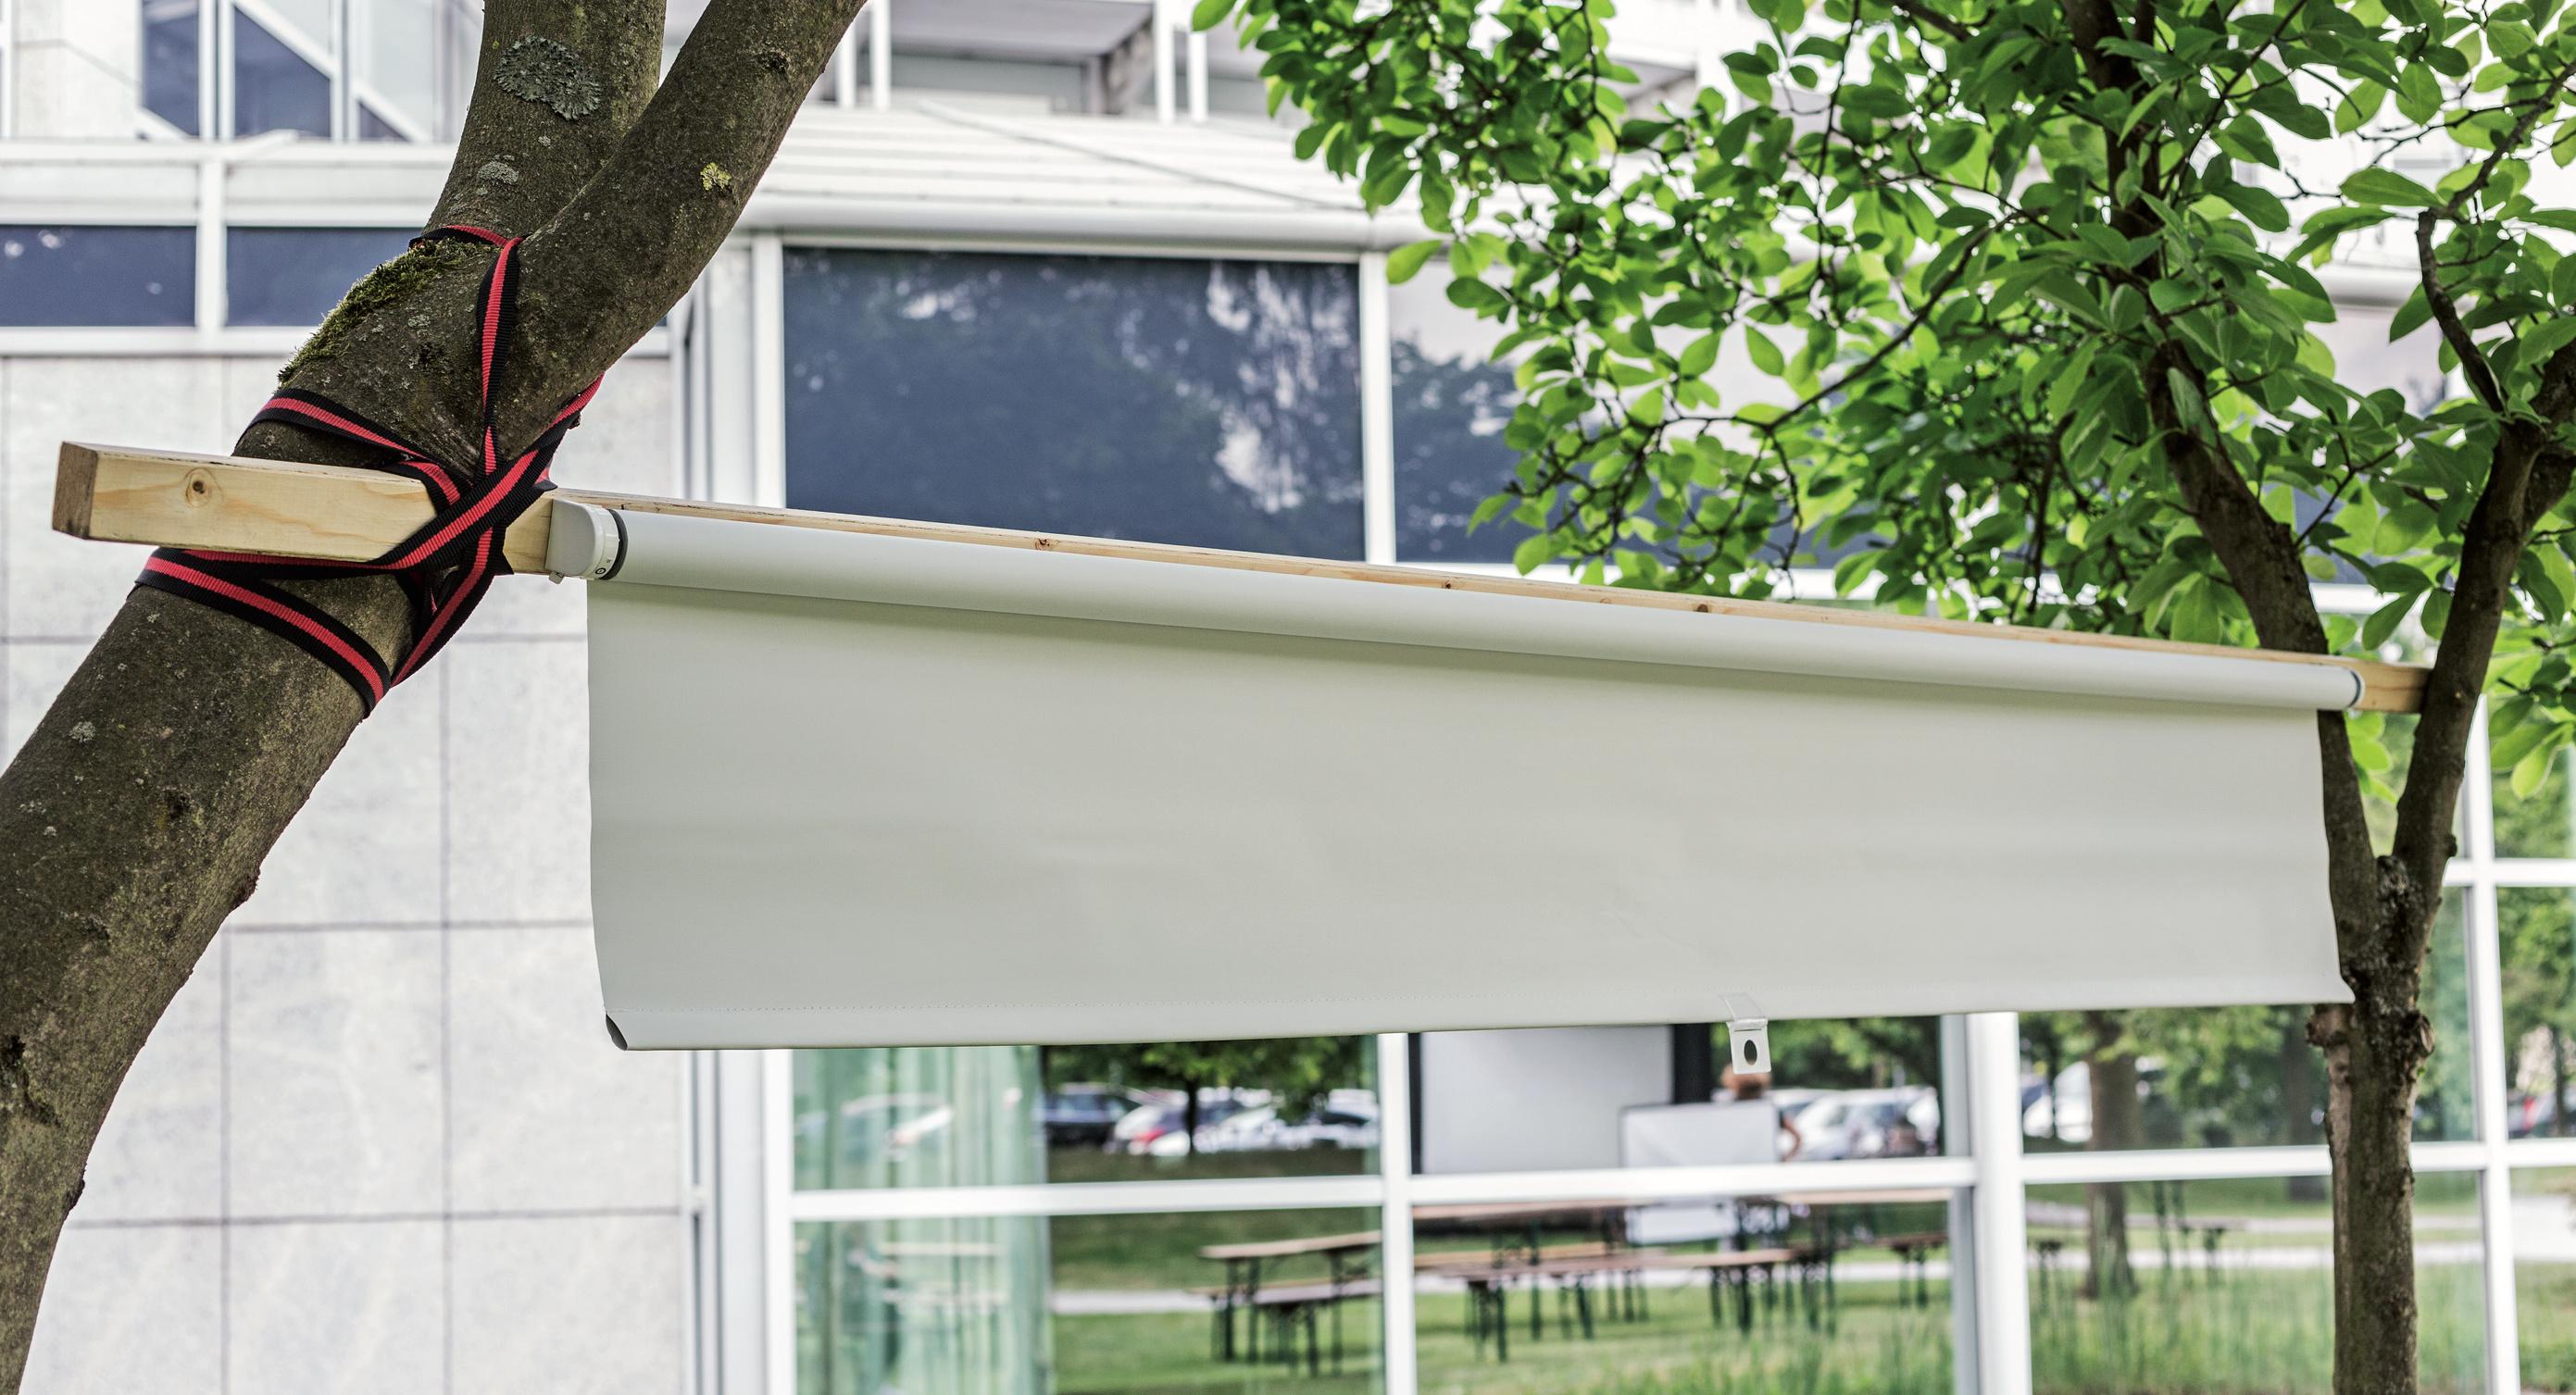 Kann an Projektor anhaken Die Ehe nicht von 11.bölüm asya fanatikleri